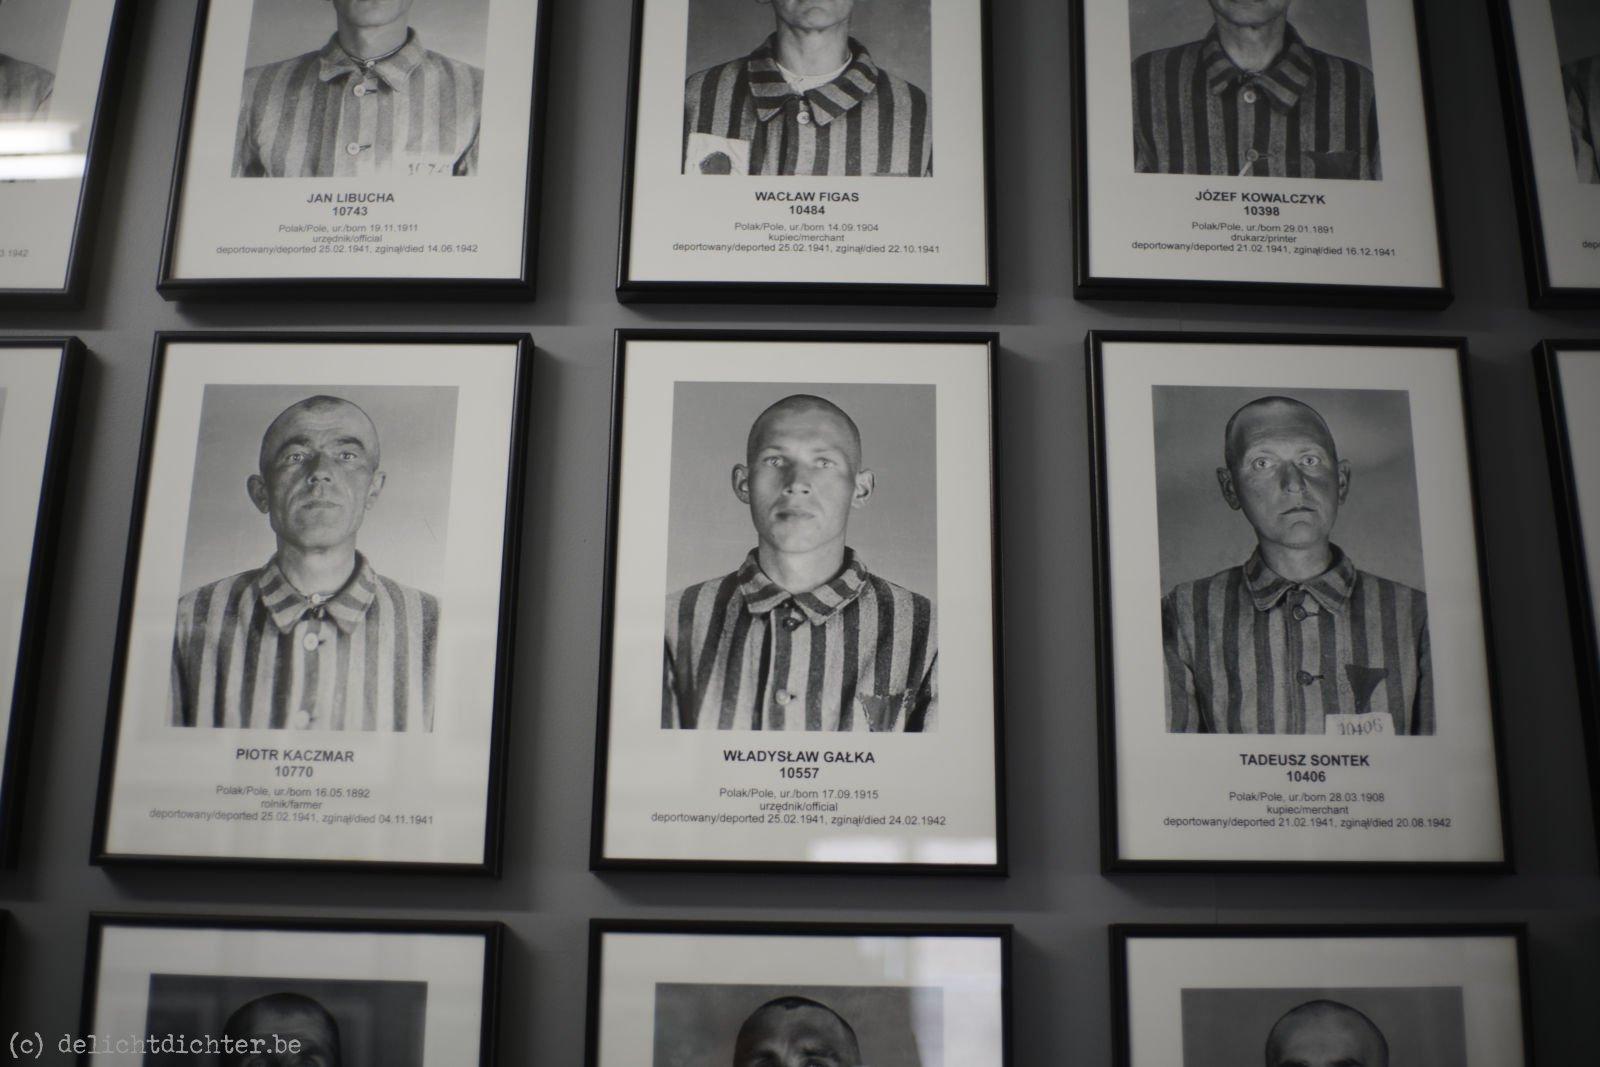 2018_06_Auschwitz_20180620_095345_DxO_PL1_1600px